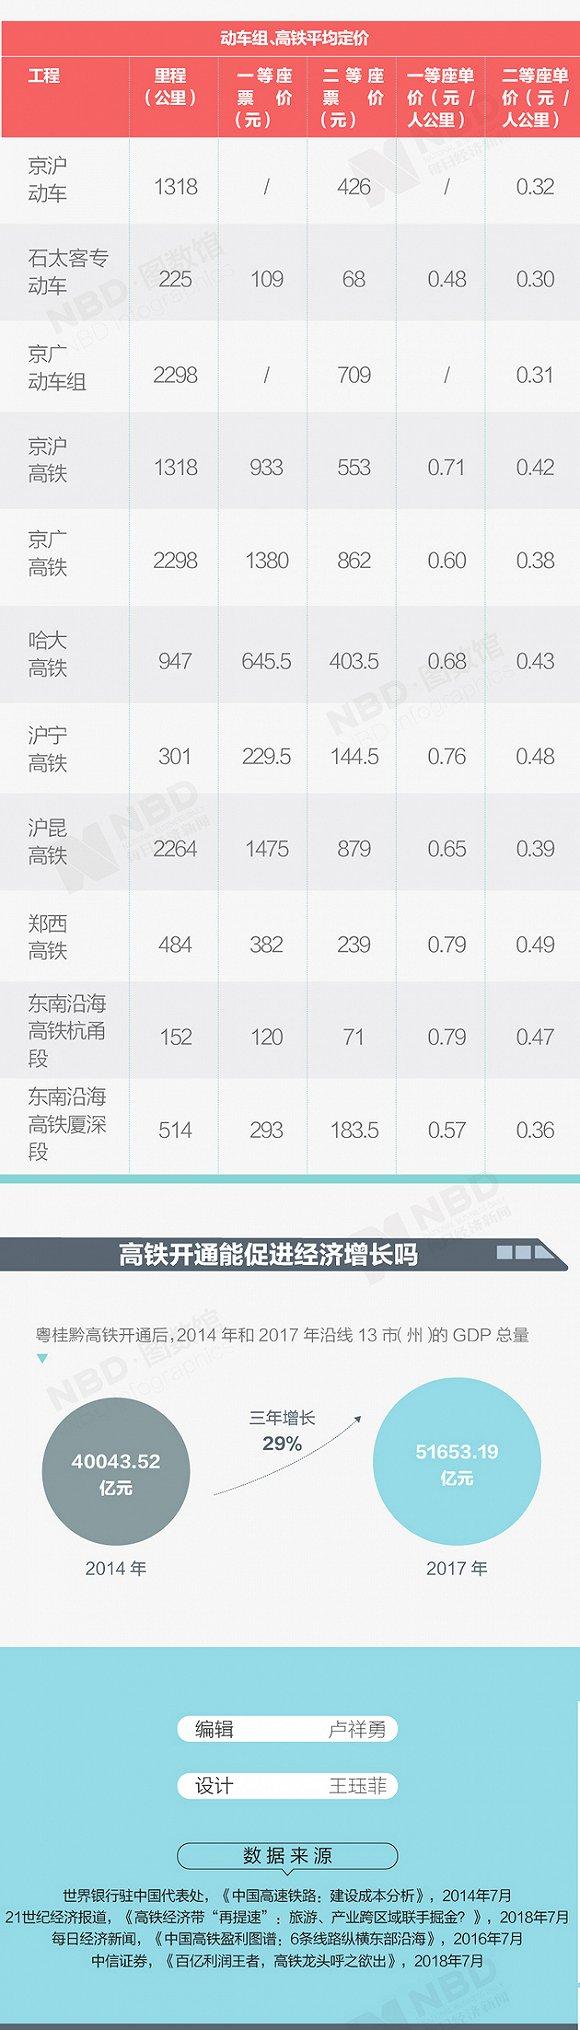 年赚百亿的京沪高铁_平均卖一张票利润有多少?